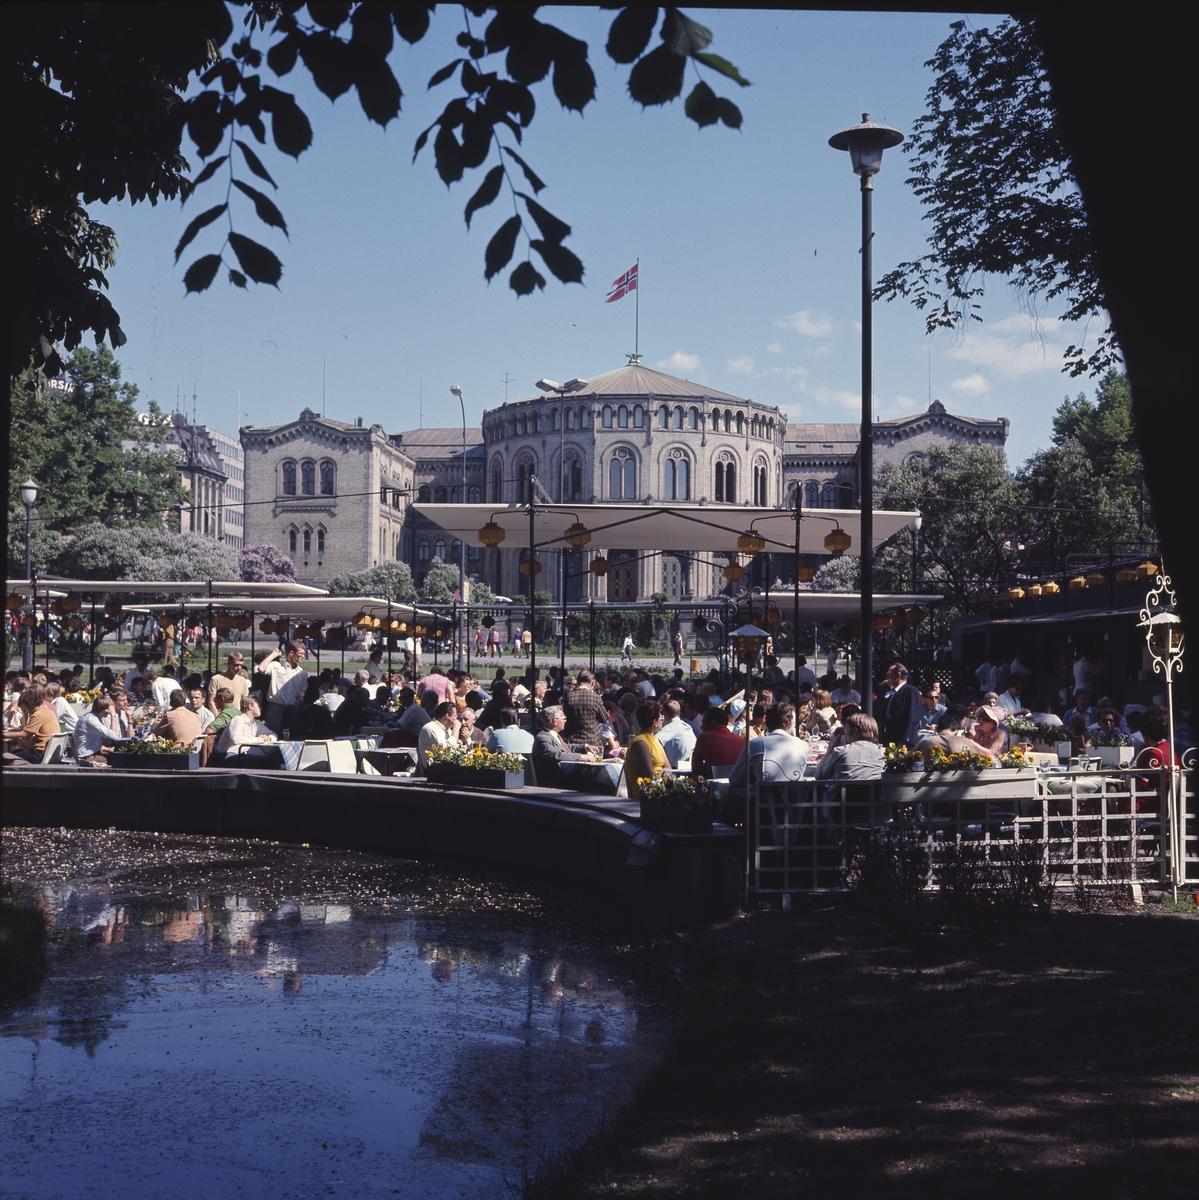 """Sommerdag i Oslo 1970. På uterestauranten Saras telt sitter det mange mennesker. I forgrunnen ses speilbassenget """"Spikersuppa"""". Bak er Stortinget."""